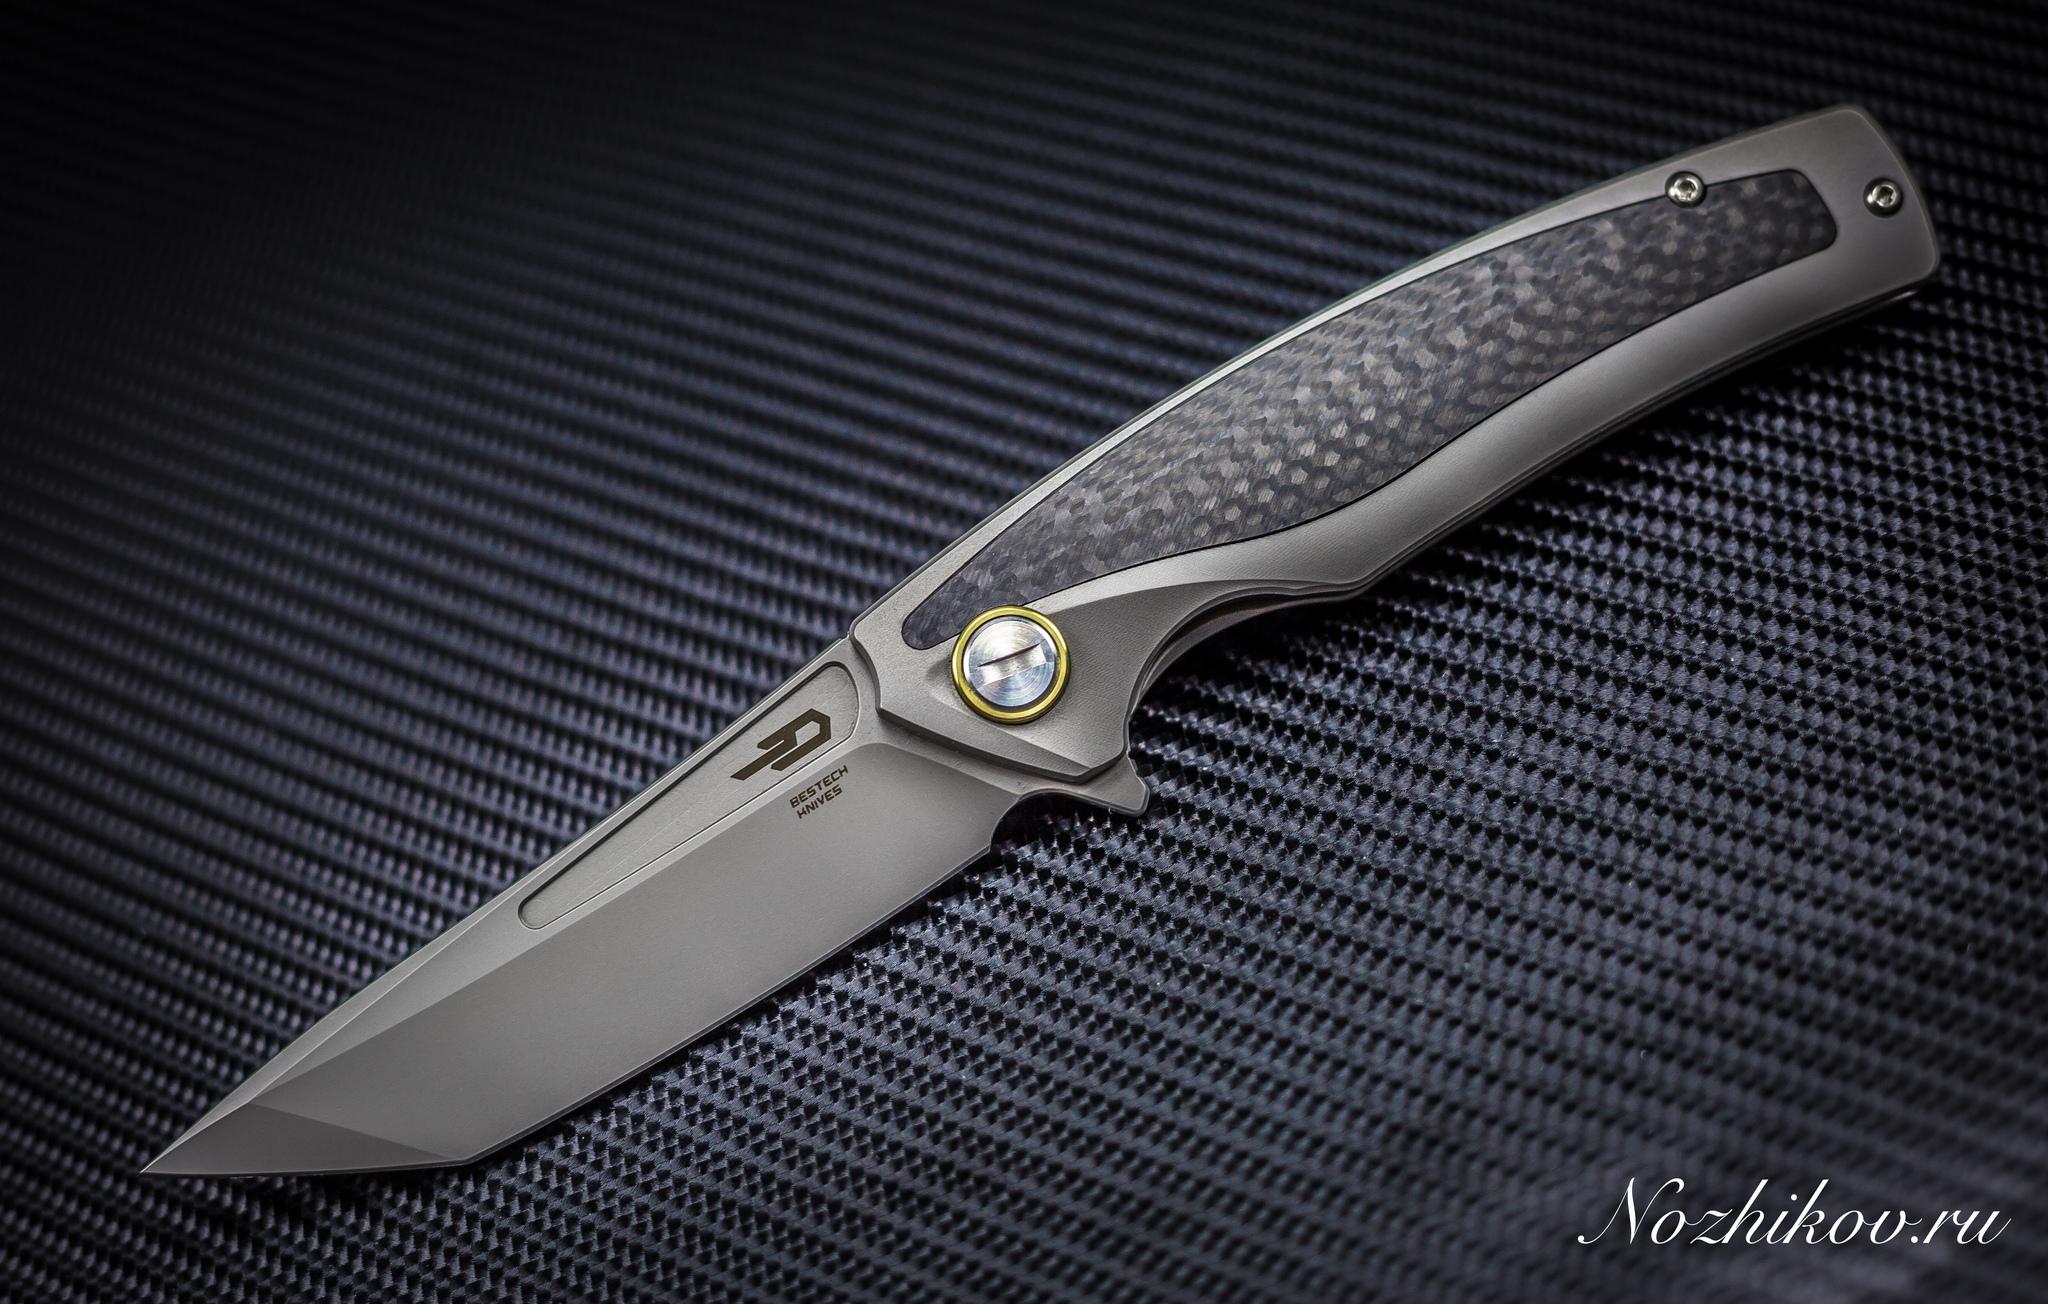 Фото 16 - Складной нож Bestech Predator BT1706B, сталь CPM-S35VN, рукоять титан от Bestech Knives